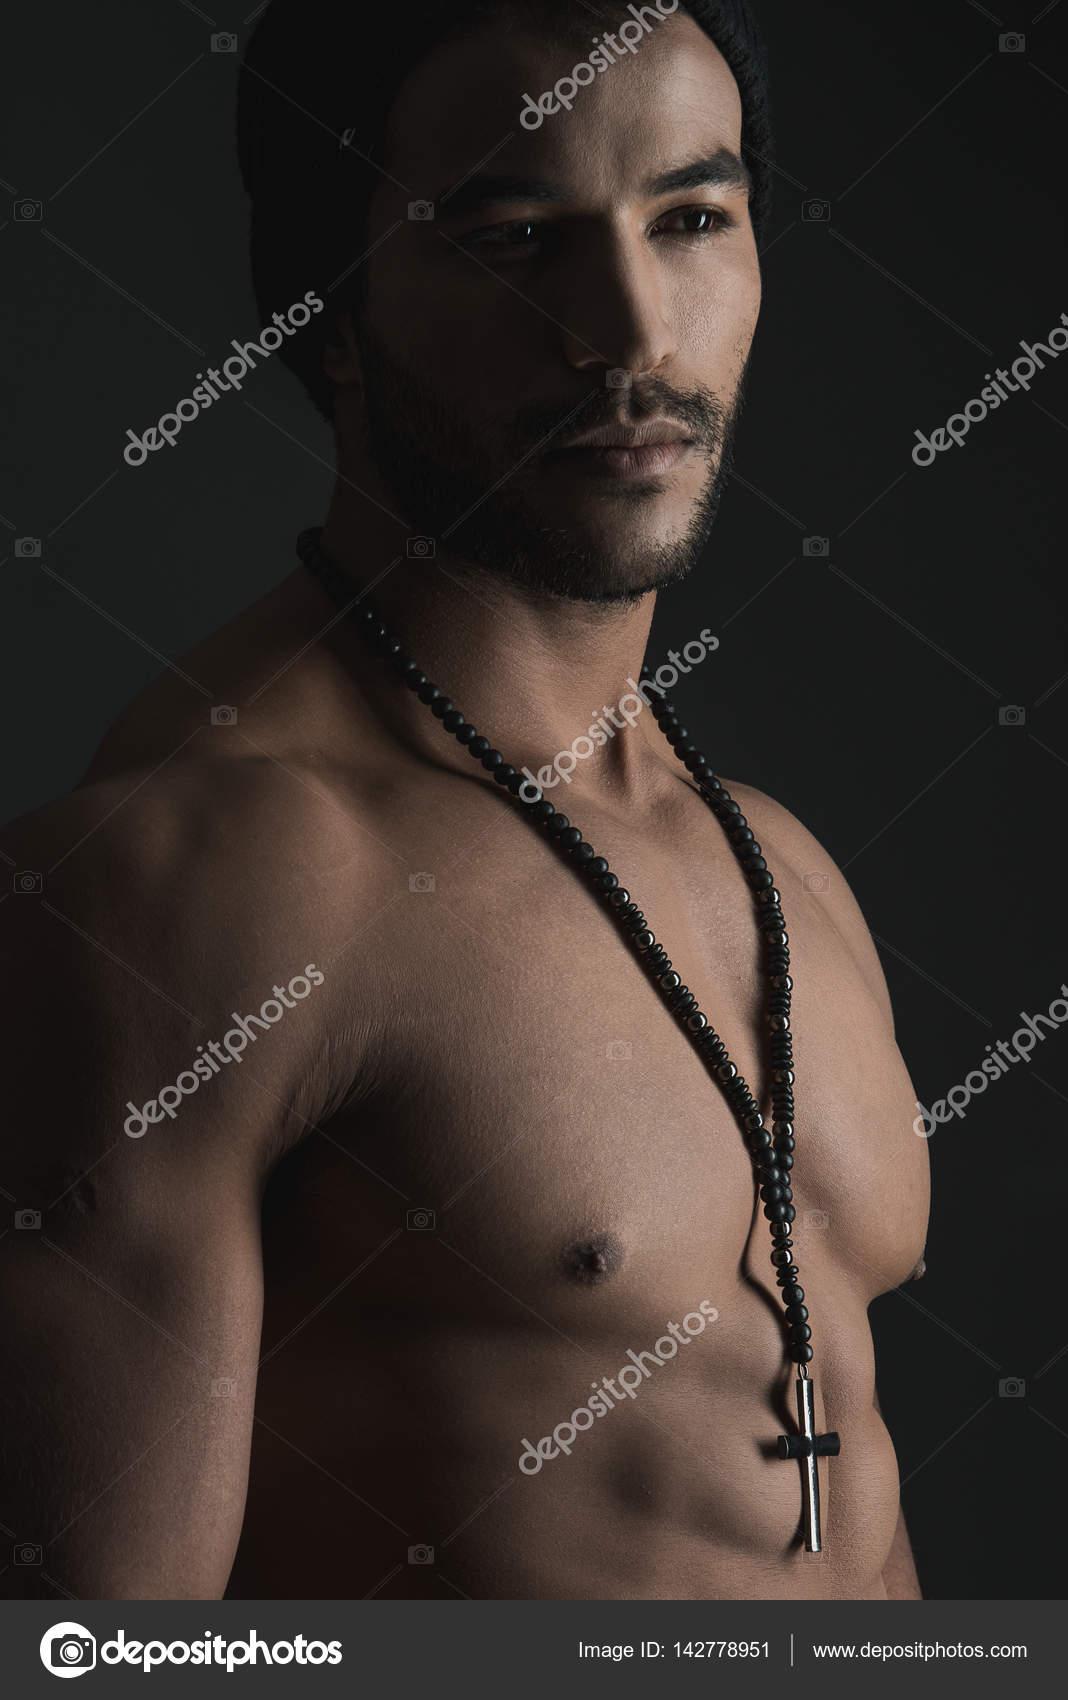 modello nudo posa come ottenere moglie per provare il sesso anale